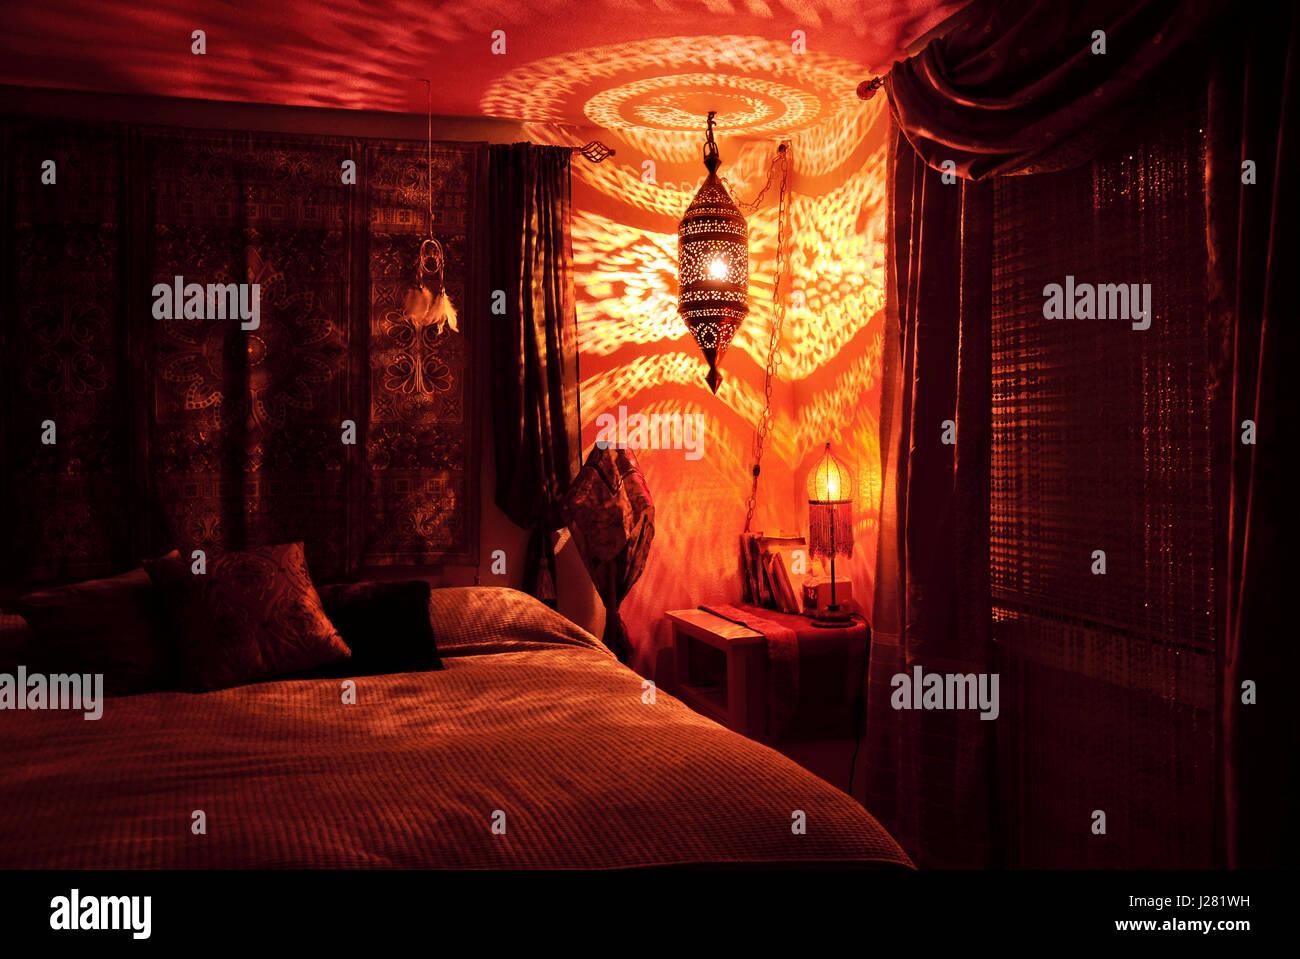 Camere Da Letto Marocco : La camera da letto marocchina con lampada marocchina di notte foto